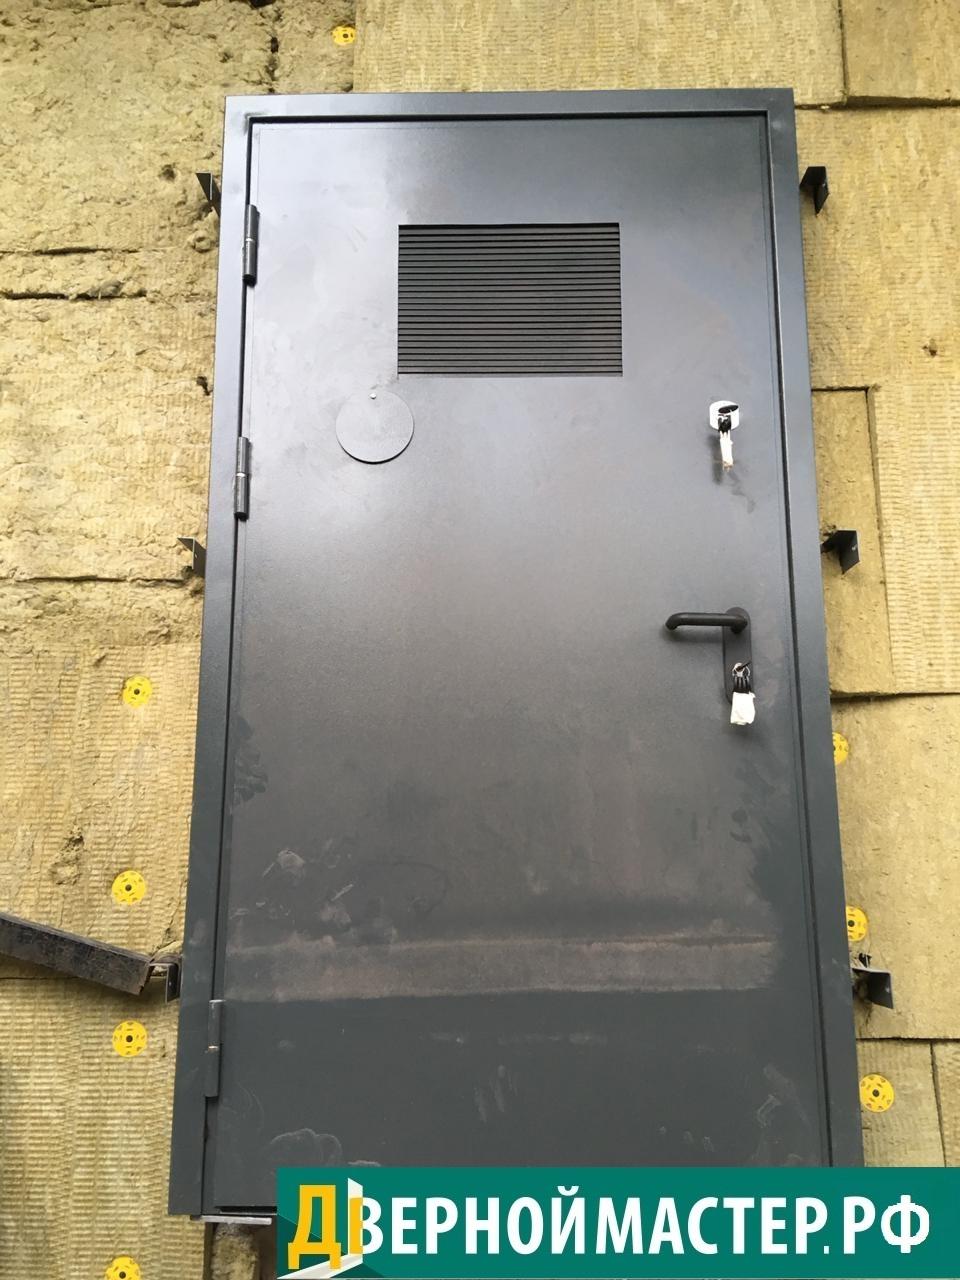 Двупольная дверь в электрощитовую с большими жалюзийными решетками